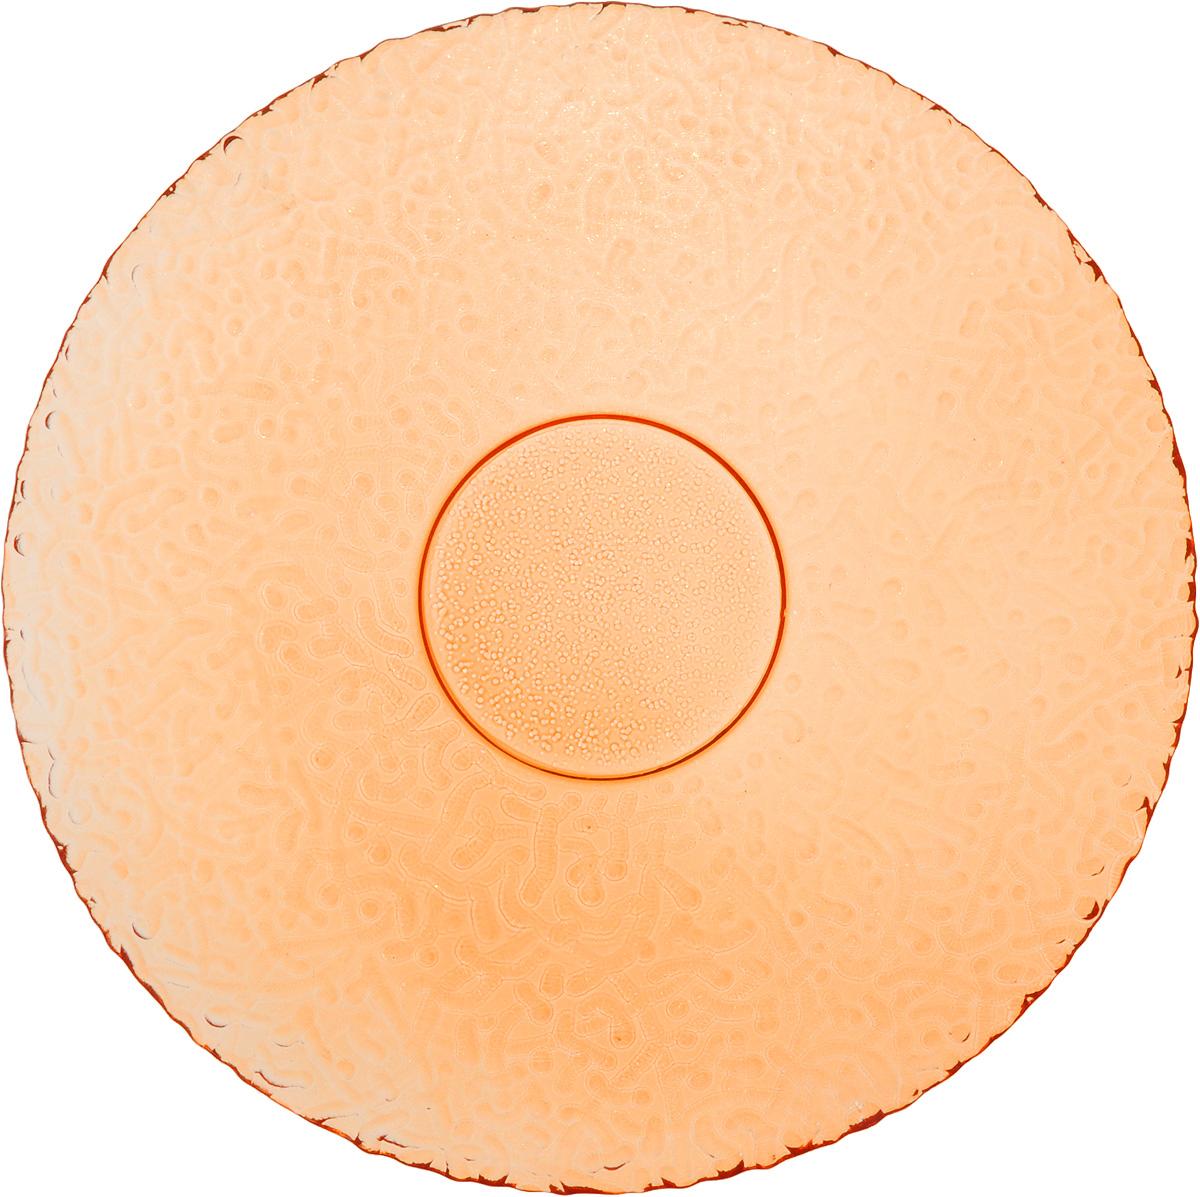 Тарелка NiNaGlass Ажур, цвет: оранжевый, диаметр 21 смAVCARN111031Тарелка NiNaGlass Ажур выполнена из высококачественного стекла и оформлена оригинальным рельефом. Она прекрасно впишется в интерьер вашей кухни и станет достойным дополнением к кухонному инвентарю. Тарелка NiNaGlass Ажур подчеркнет прекрасный вкус хозяйки и станет отличным подарком. Диаметр тарелки: 21 см. Высота: 2,5 см.